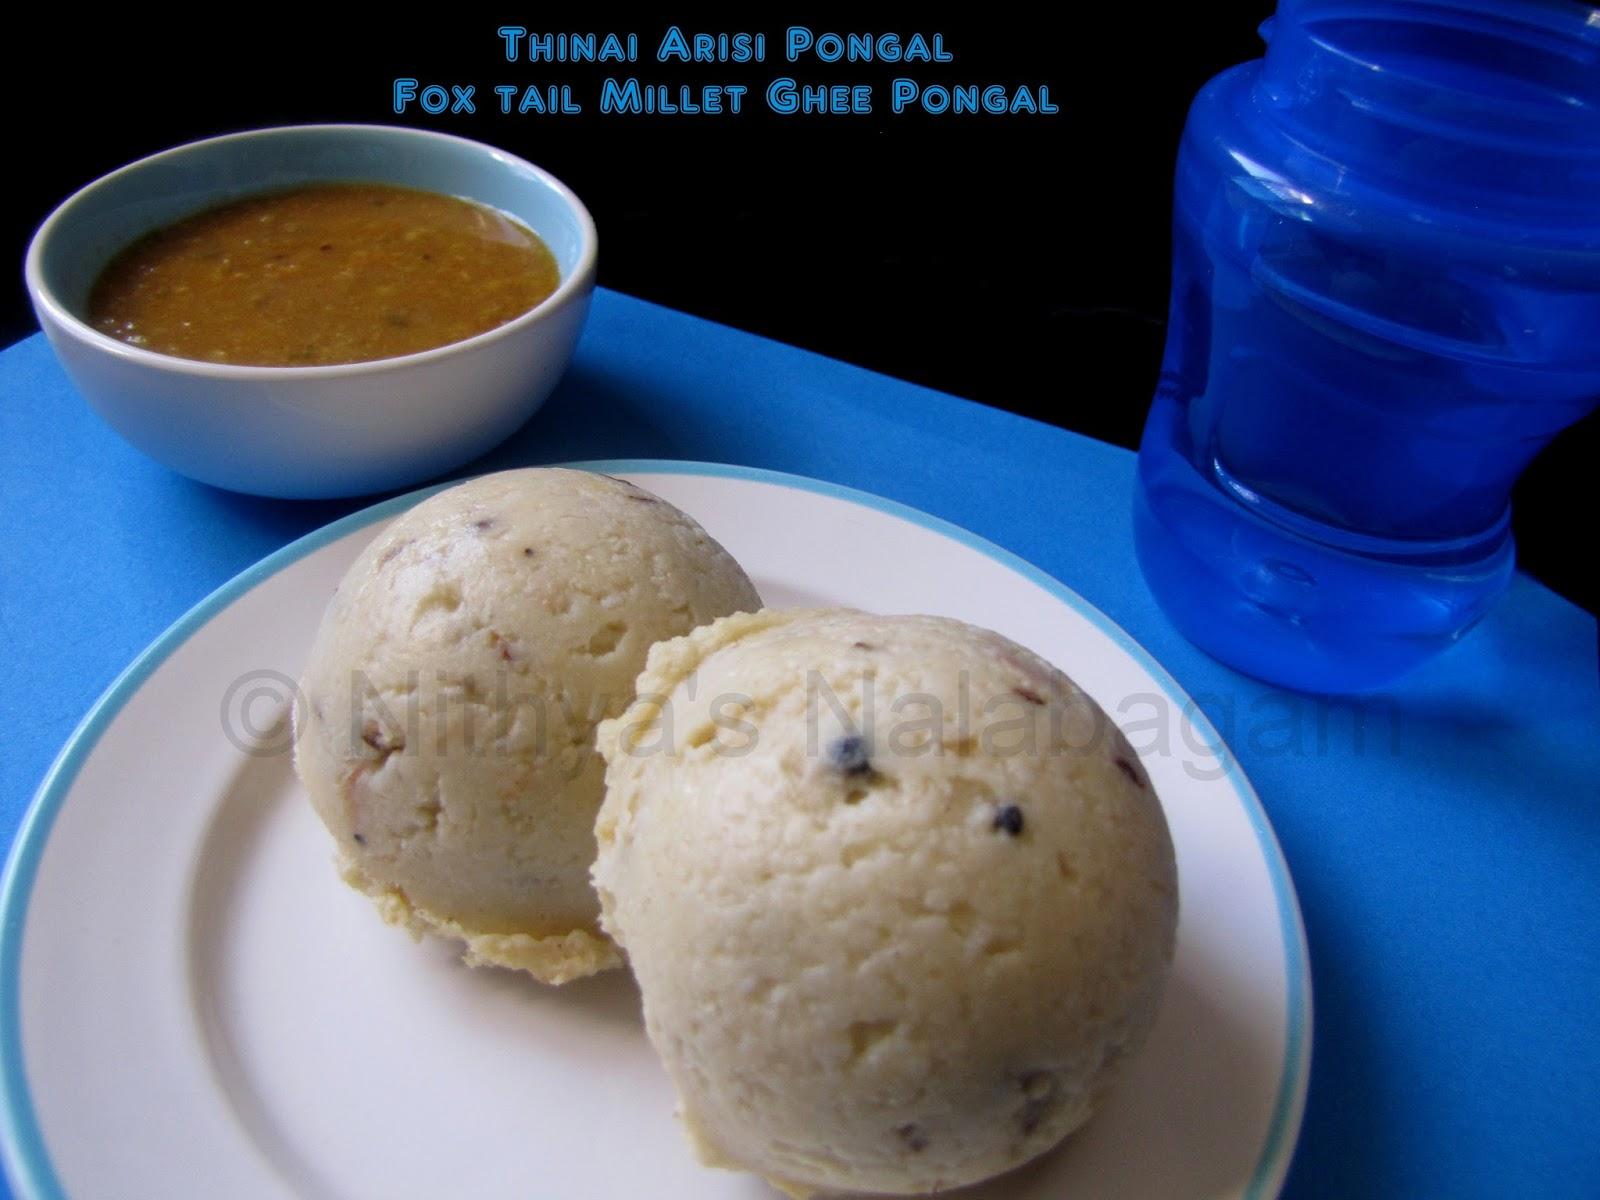 Millet Khara Pongal